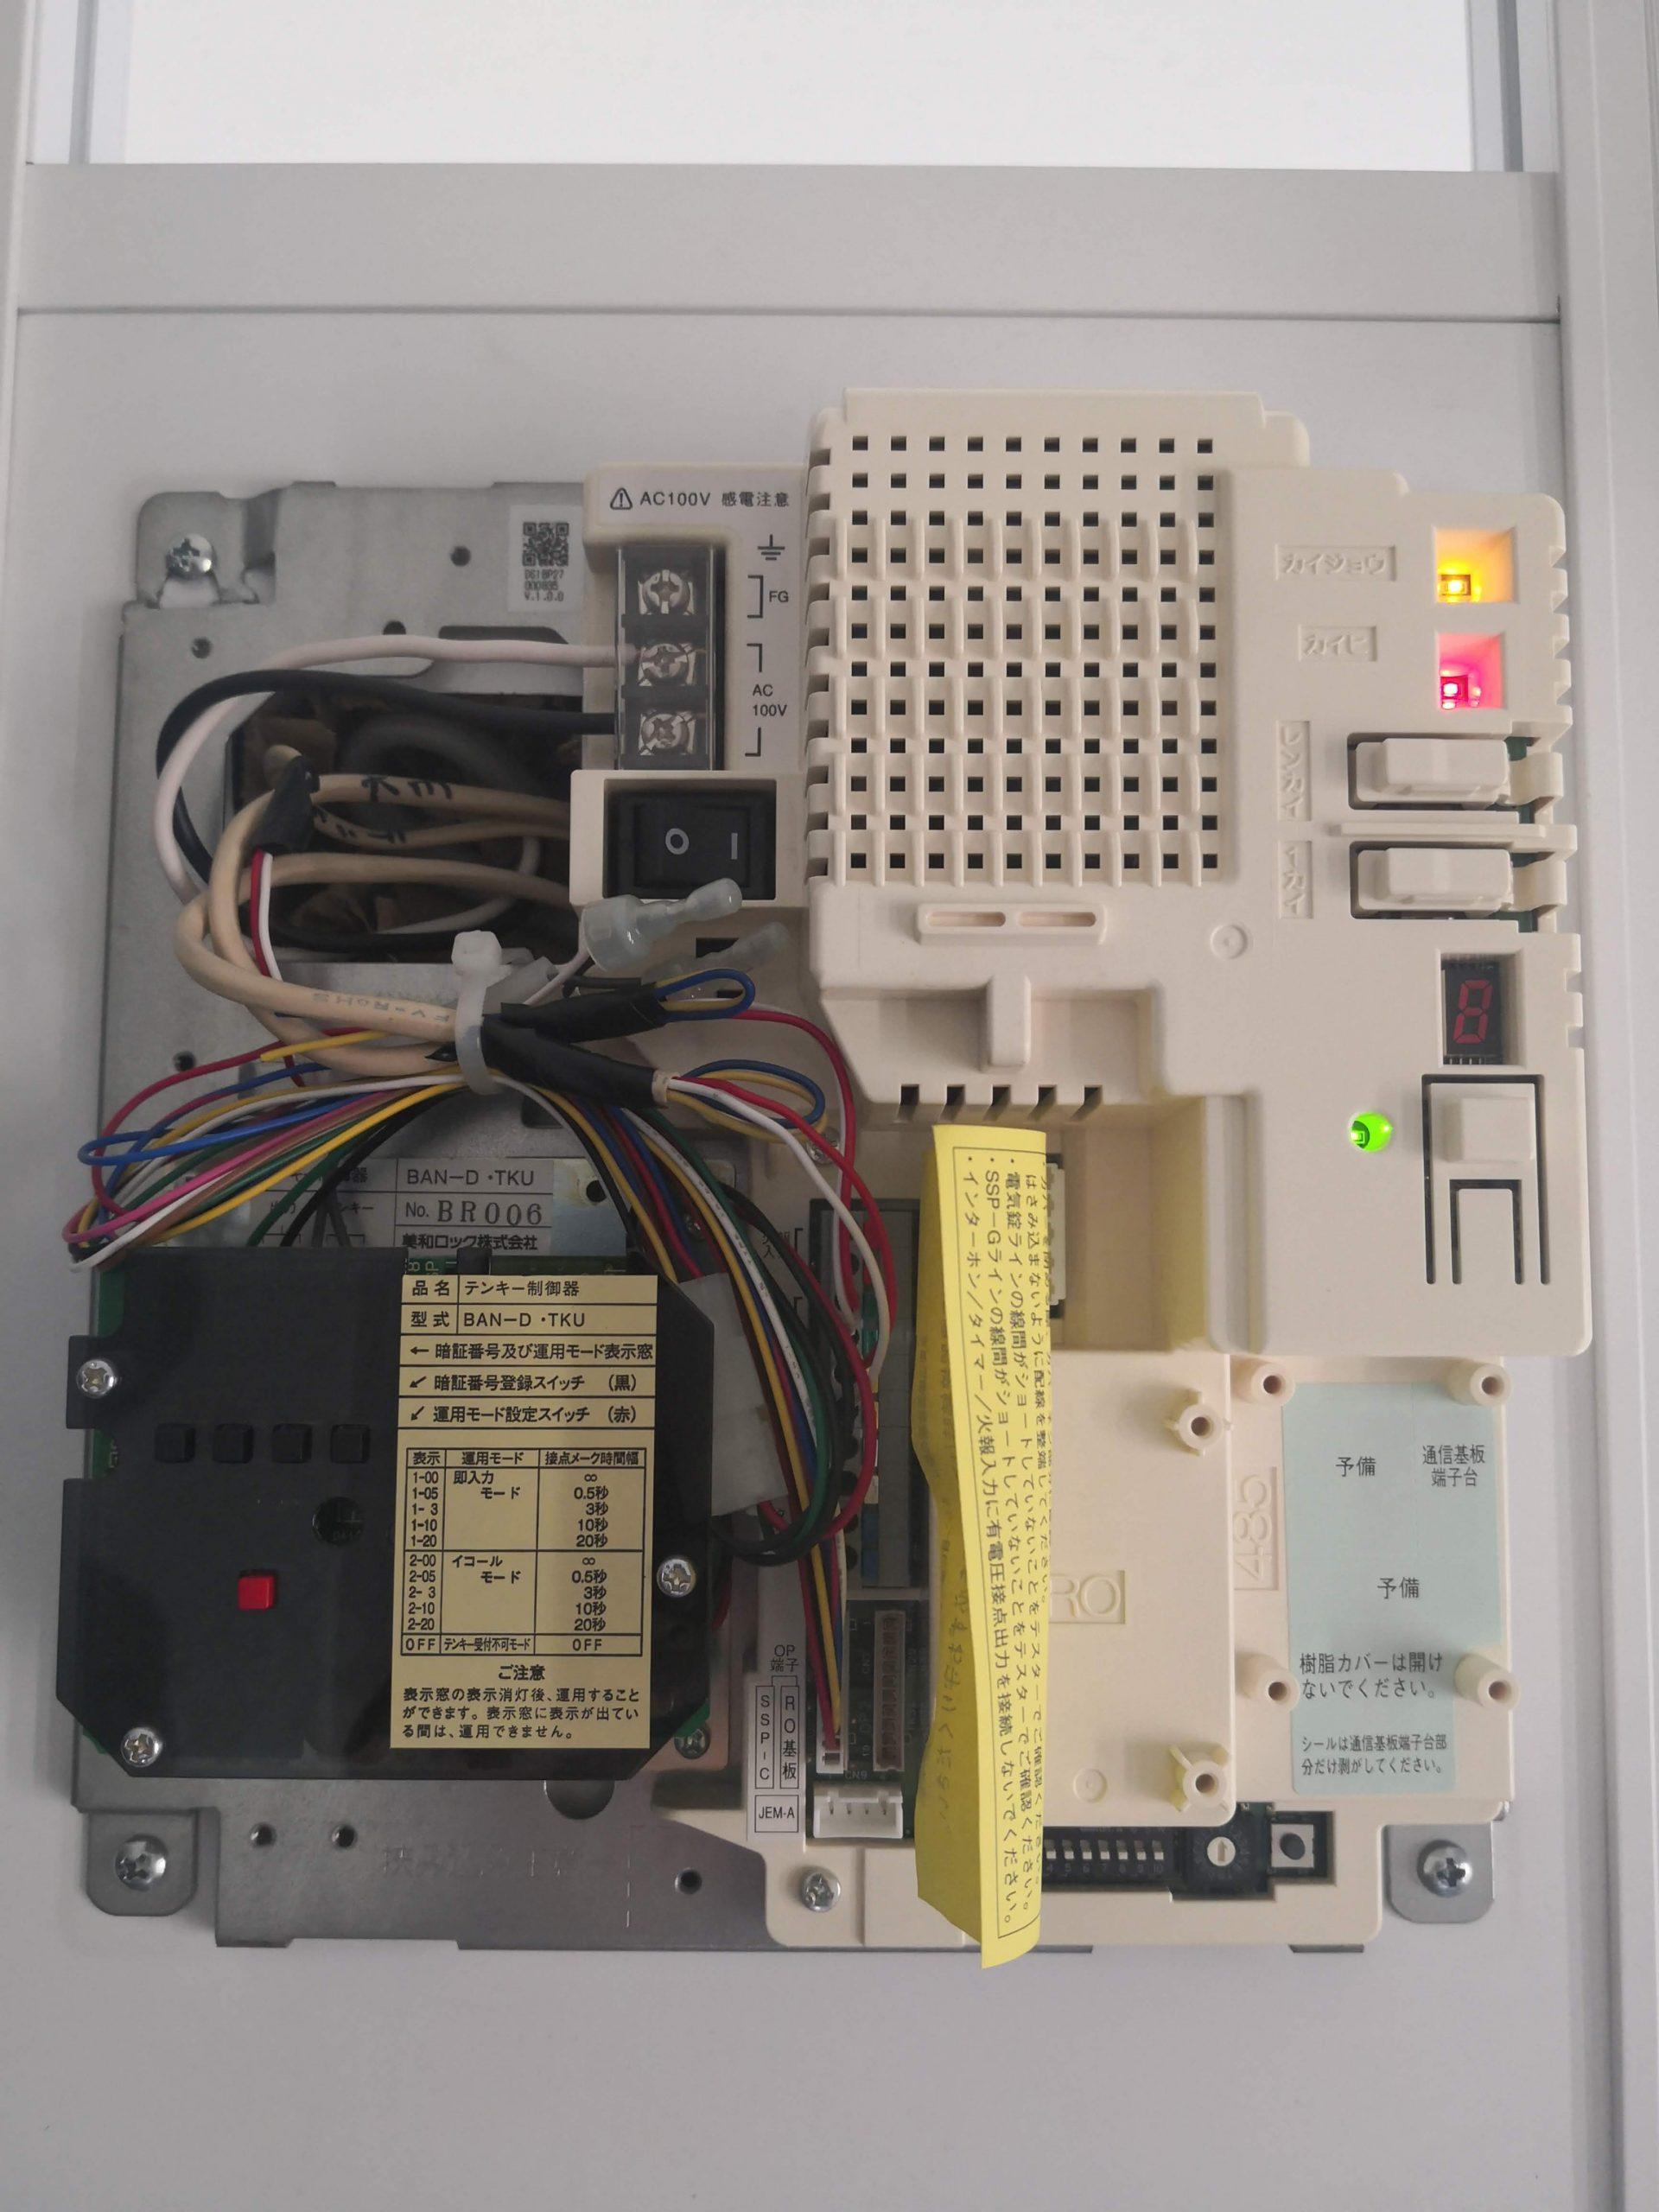 制御盤のカバーを外したところ。左下黒い部品がテンキー制御器BAN-D-TKU